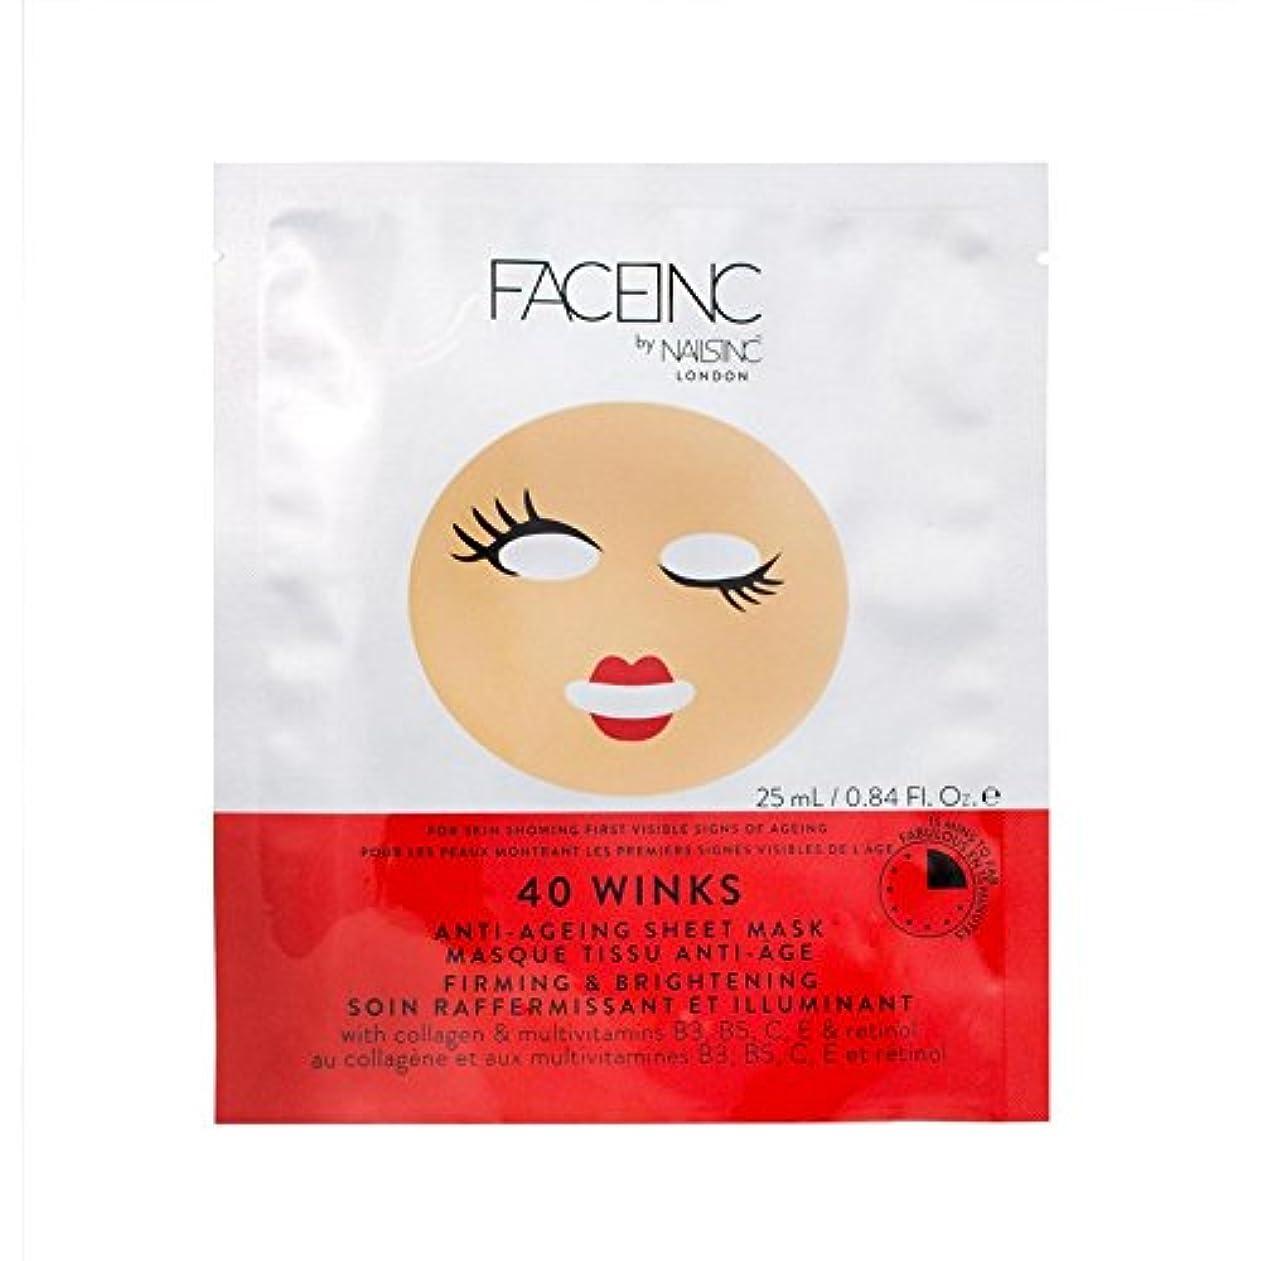 宿泊悲鳴立証する爪が株式会社顔株式会社40のウィンクは、マスク x4 - Nails Inc. Face Inc 40 Winks Mask (Pack of 4) [並行輸入品]